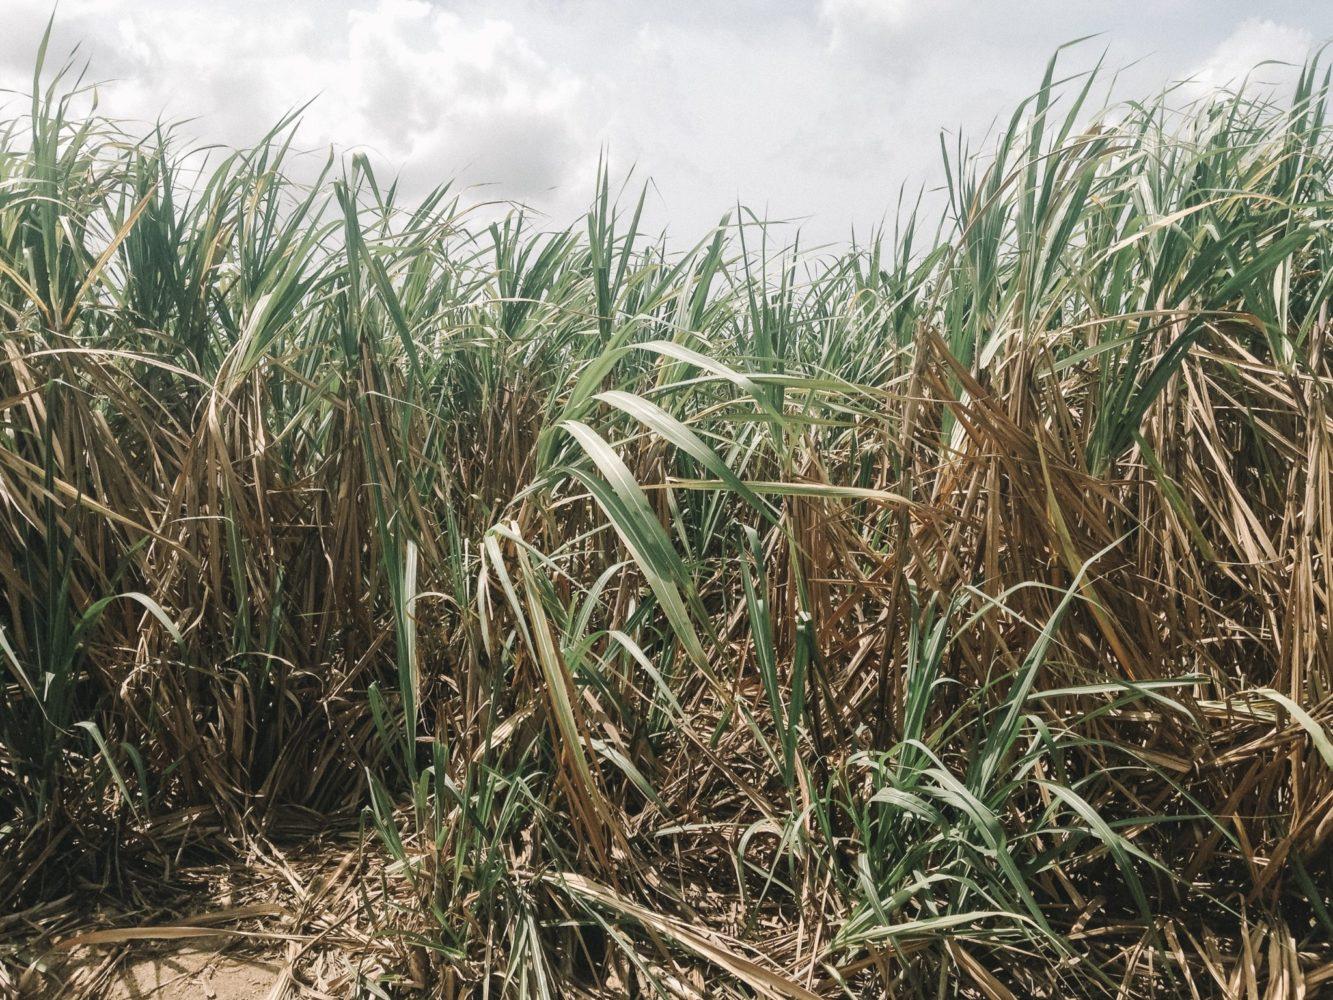 La récolte de la canne à sucre, un métier difficile et très physique